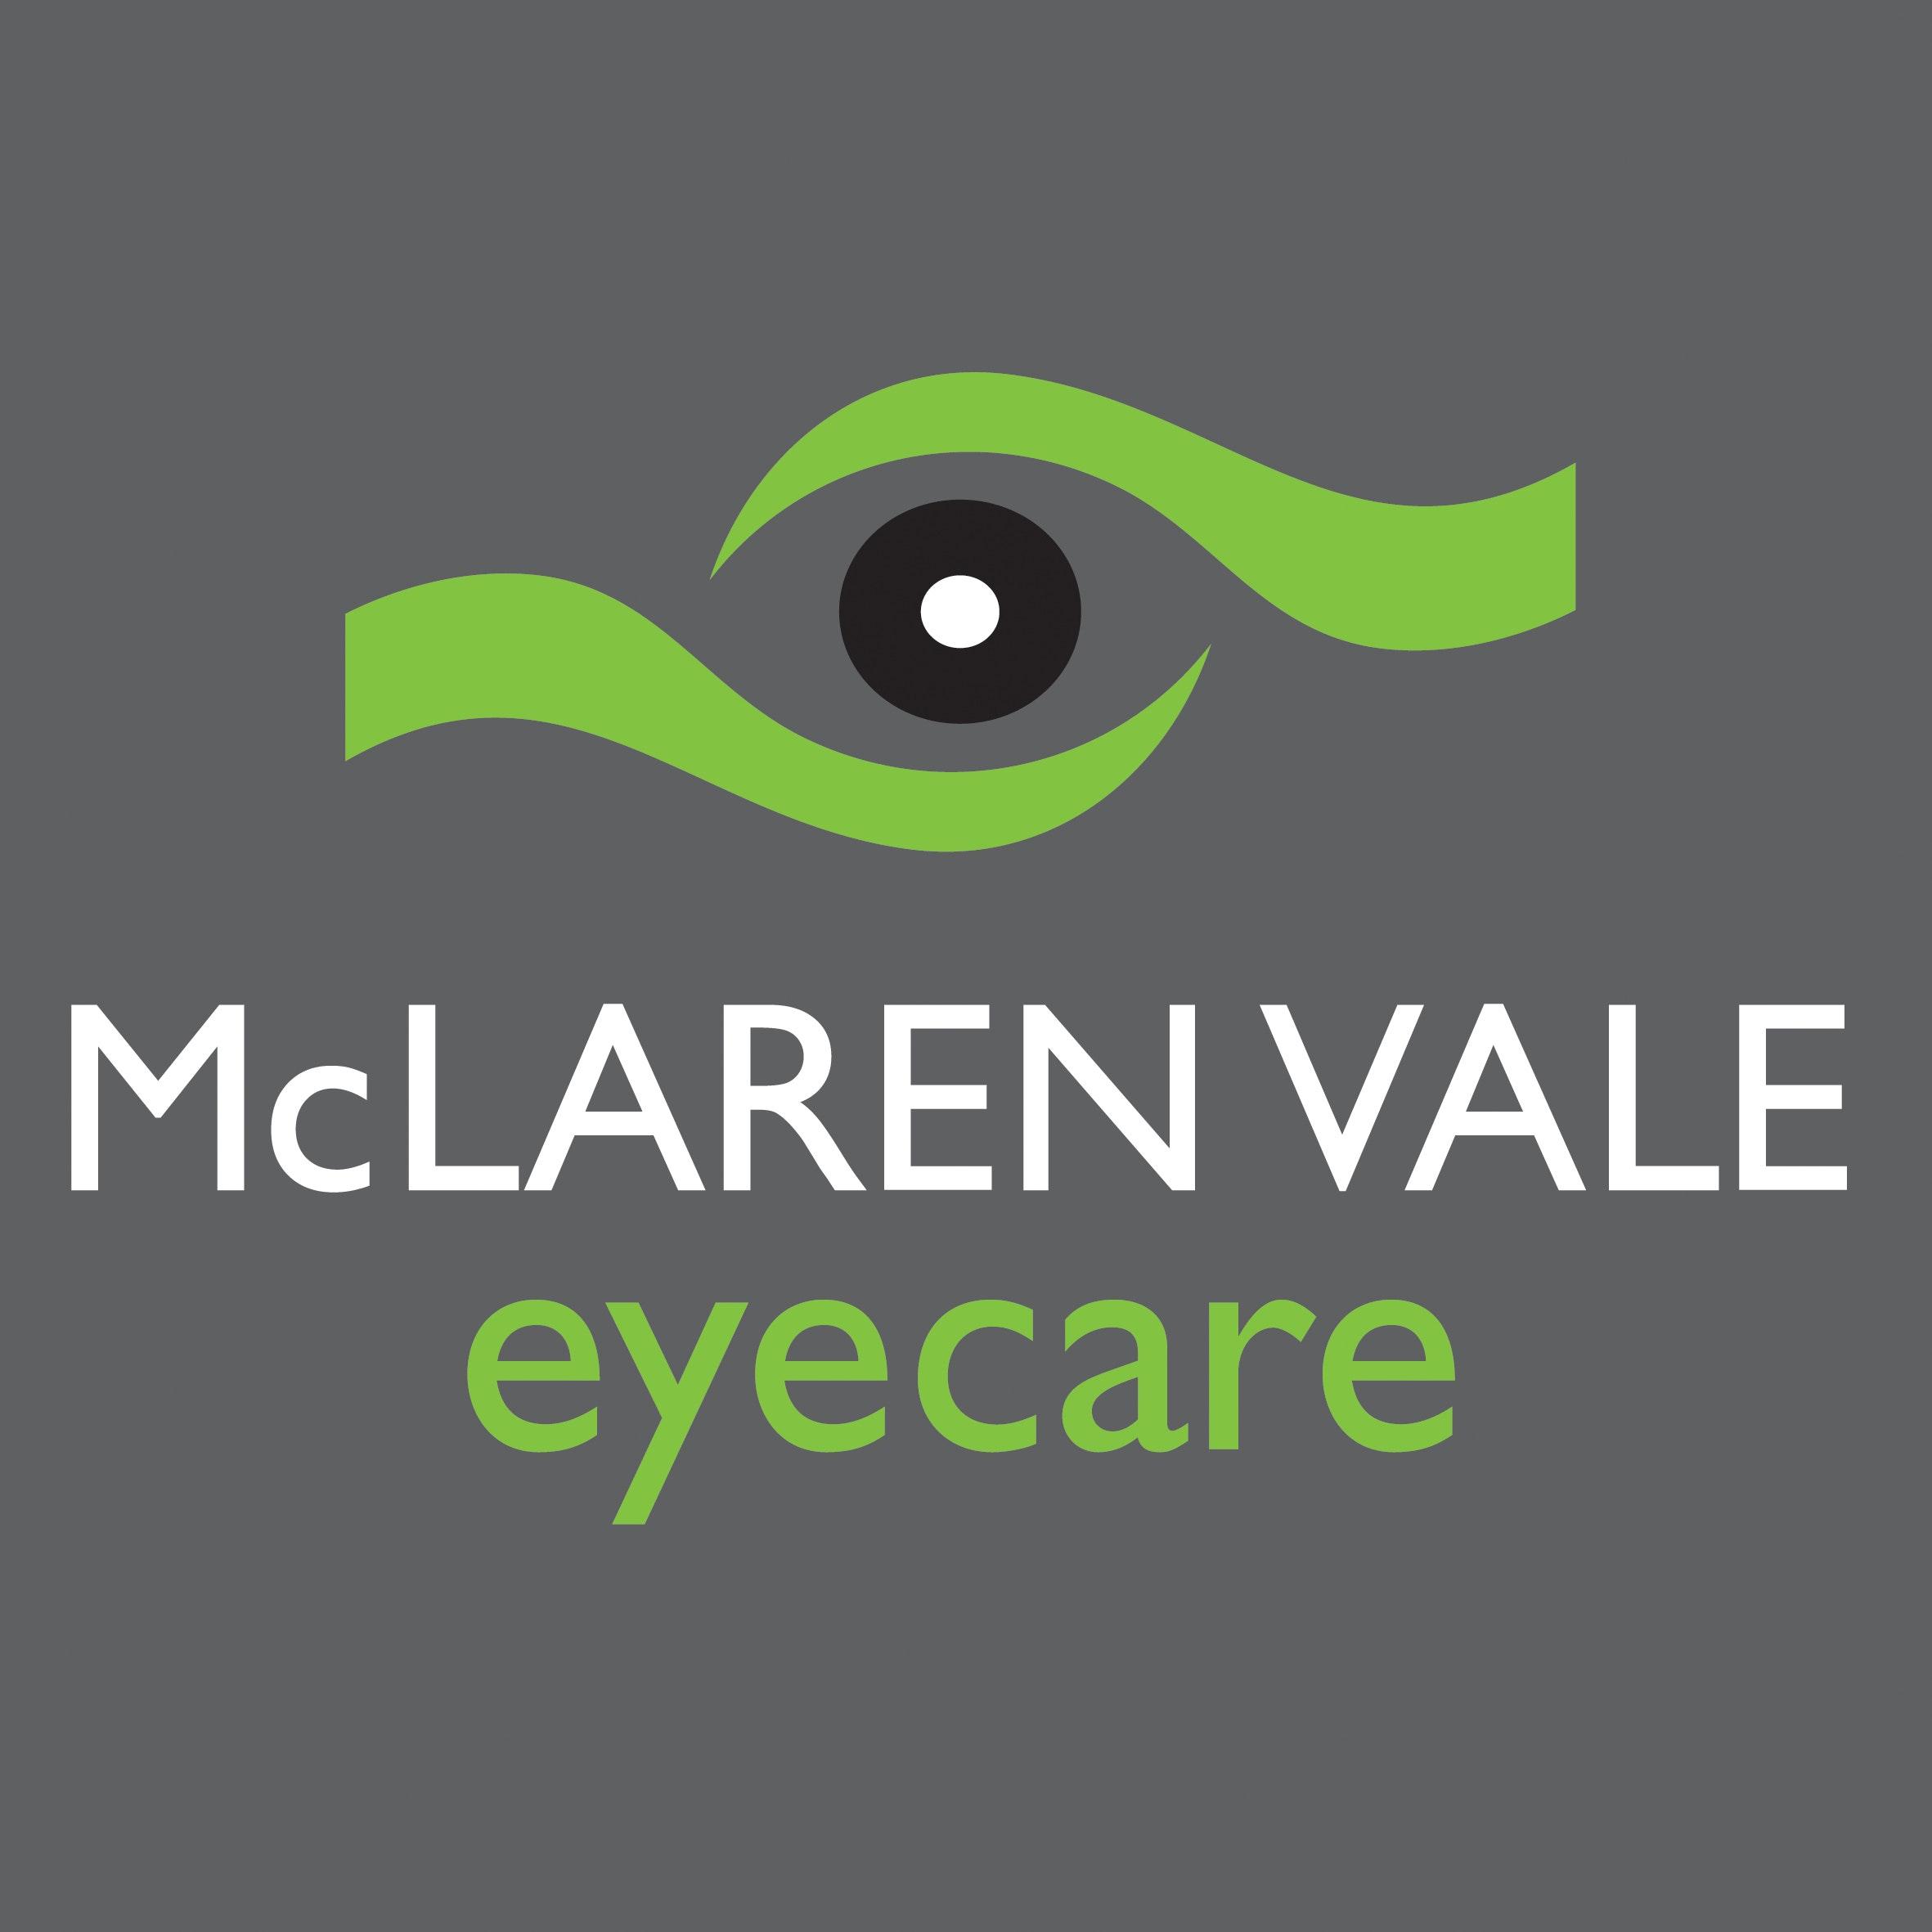 McLaren Vale Eyecare